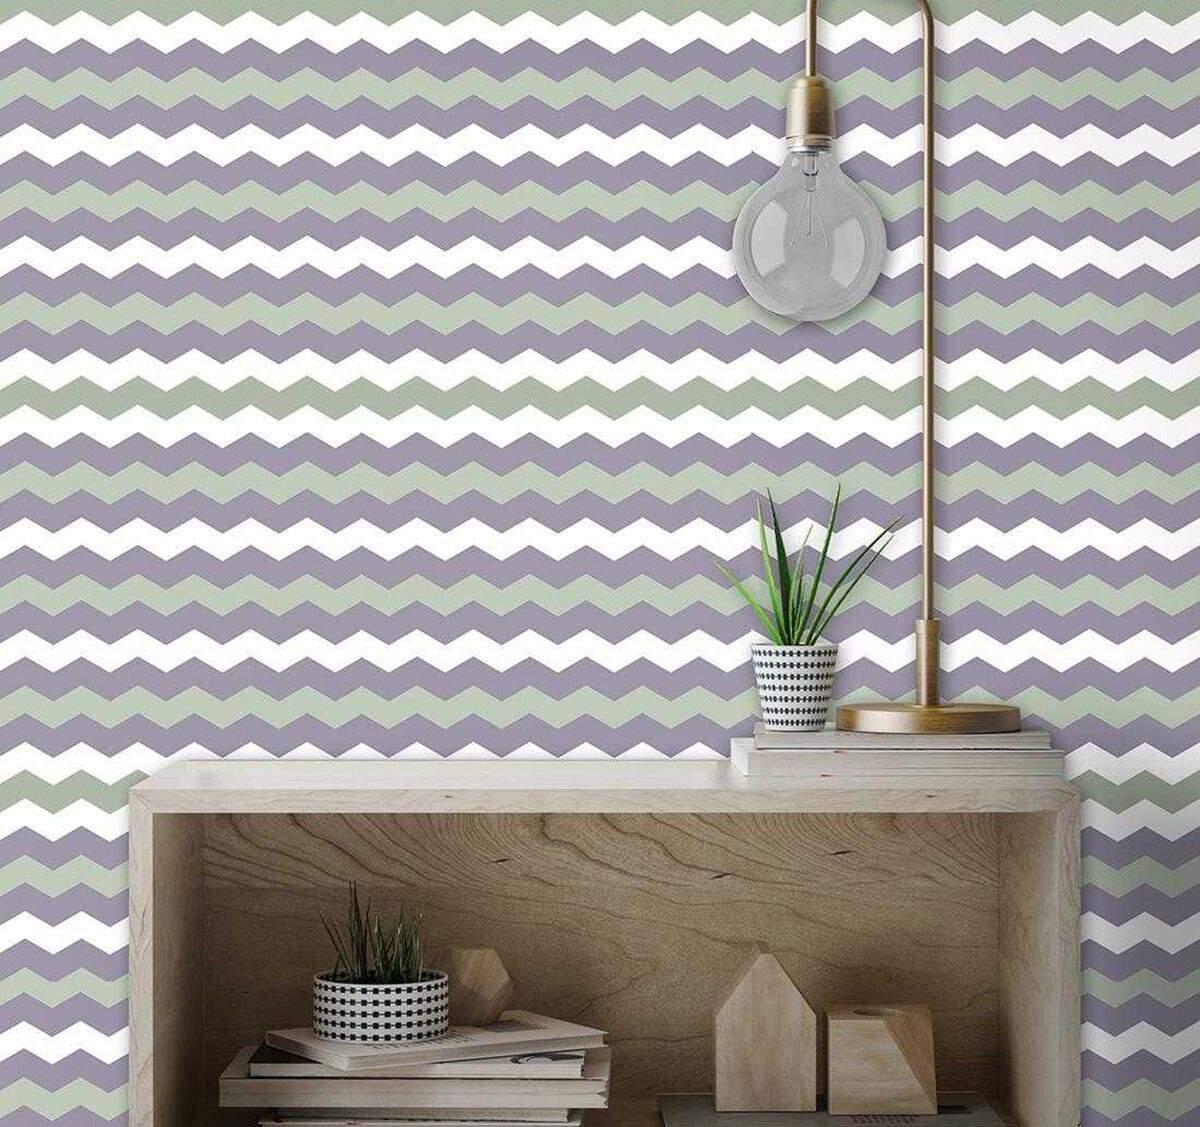 Papel de parede: hora de renovar sua decoração